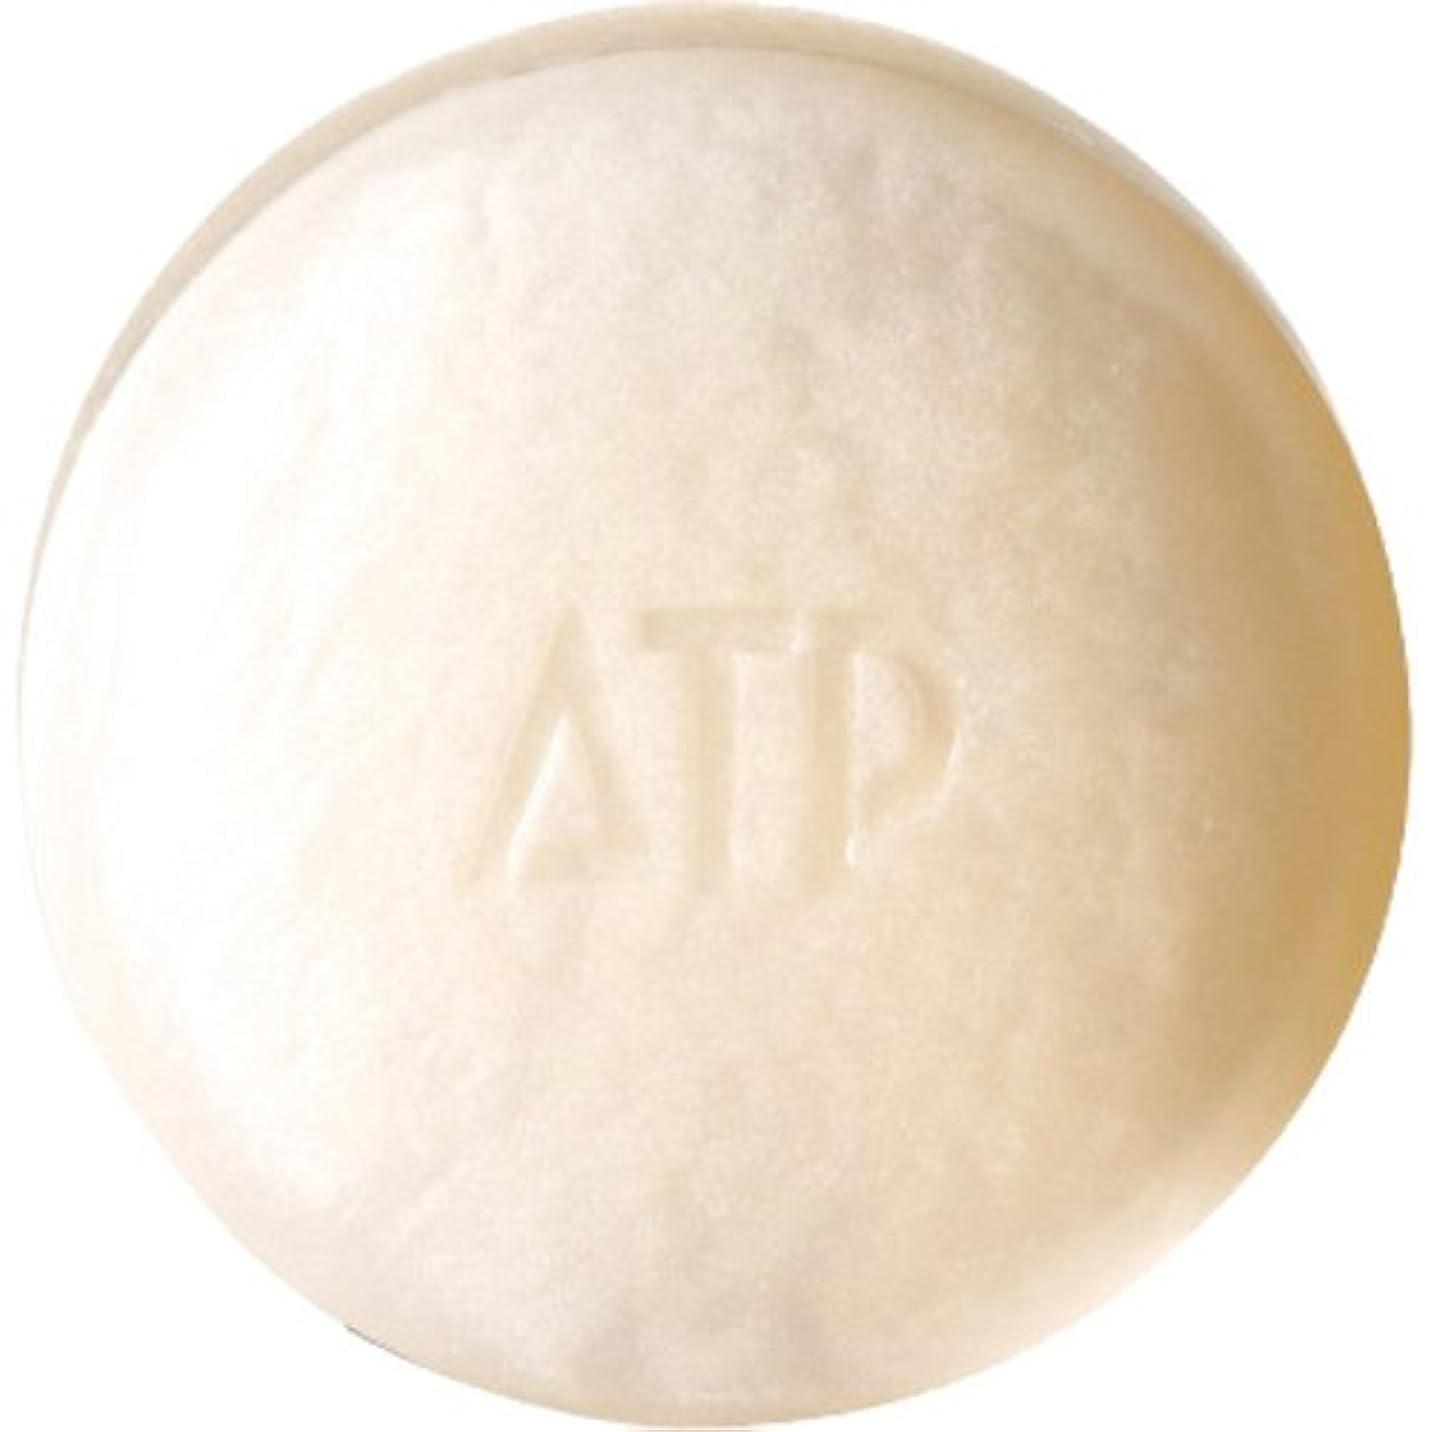 所有権トランジスタシャープ薬用ATP デリケアソープ 100g ケースなし (全身用洗浄石けん?枠練り) [医薬部外品]